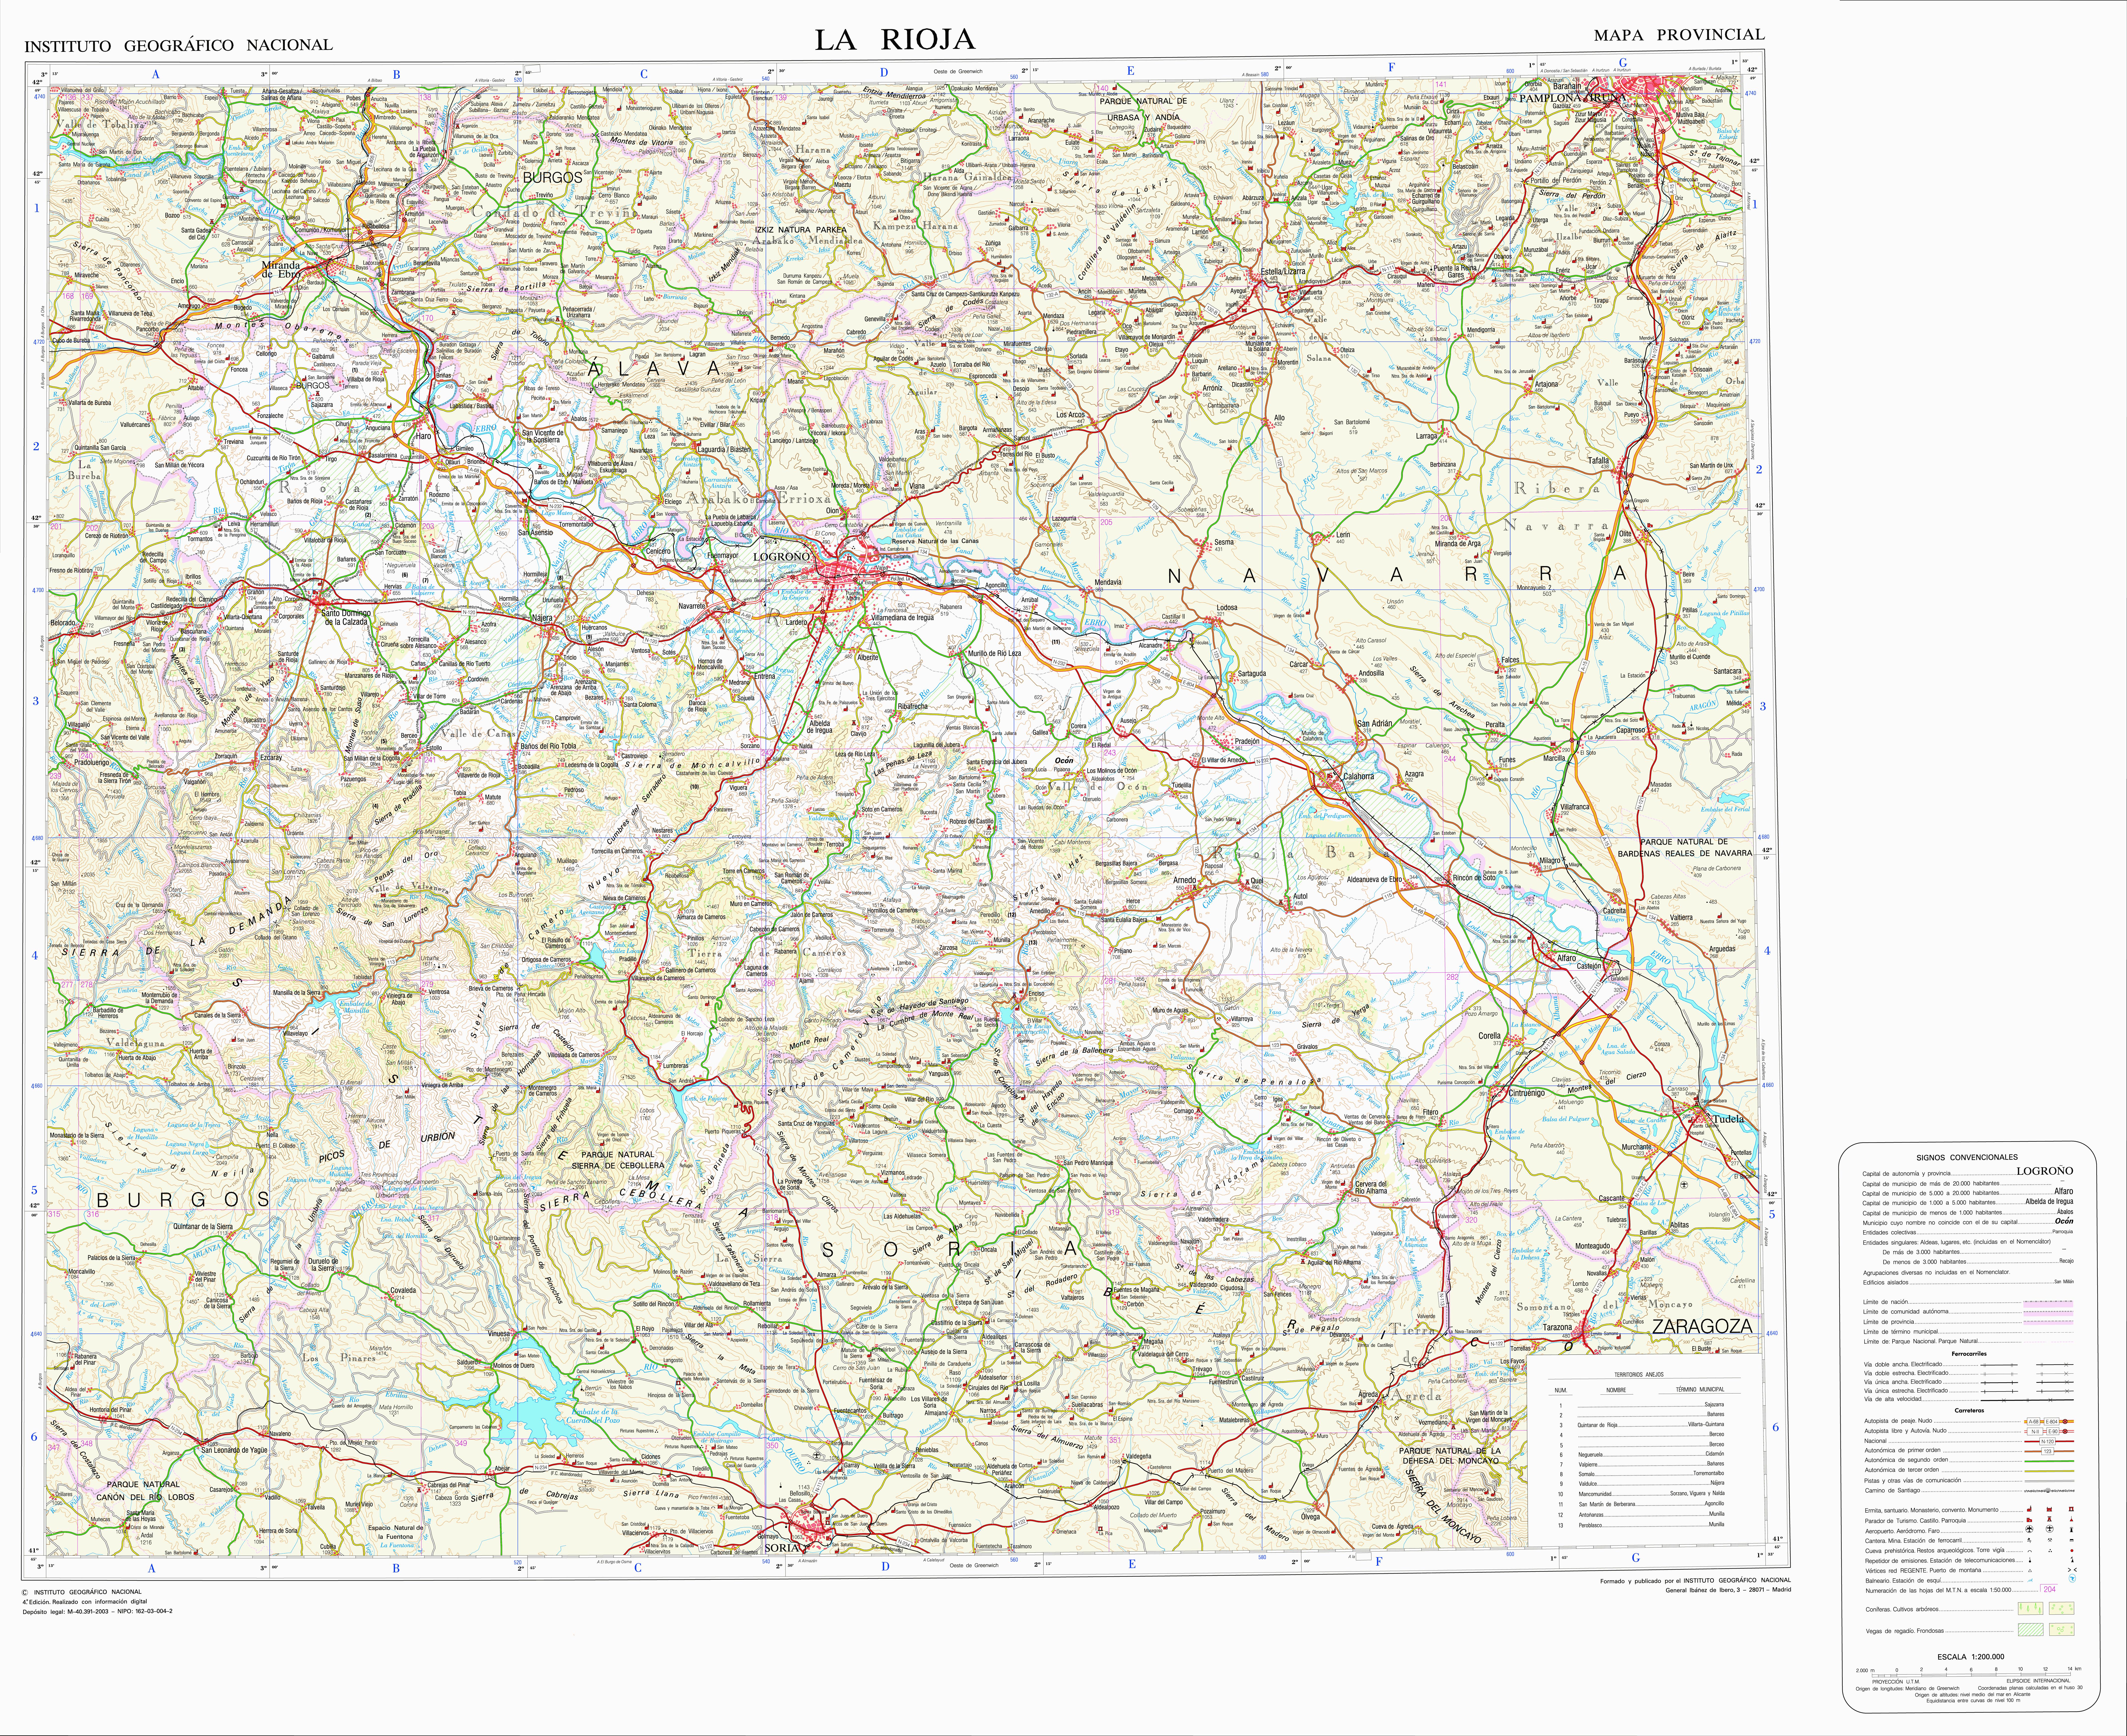 Mapa Topografico Comunidad Valenciana.Descarga Directa Por Mega De Mapas Para Navegadores Gps Garmin